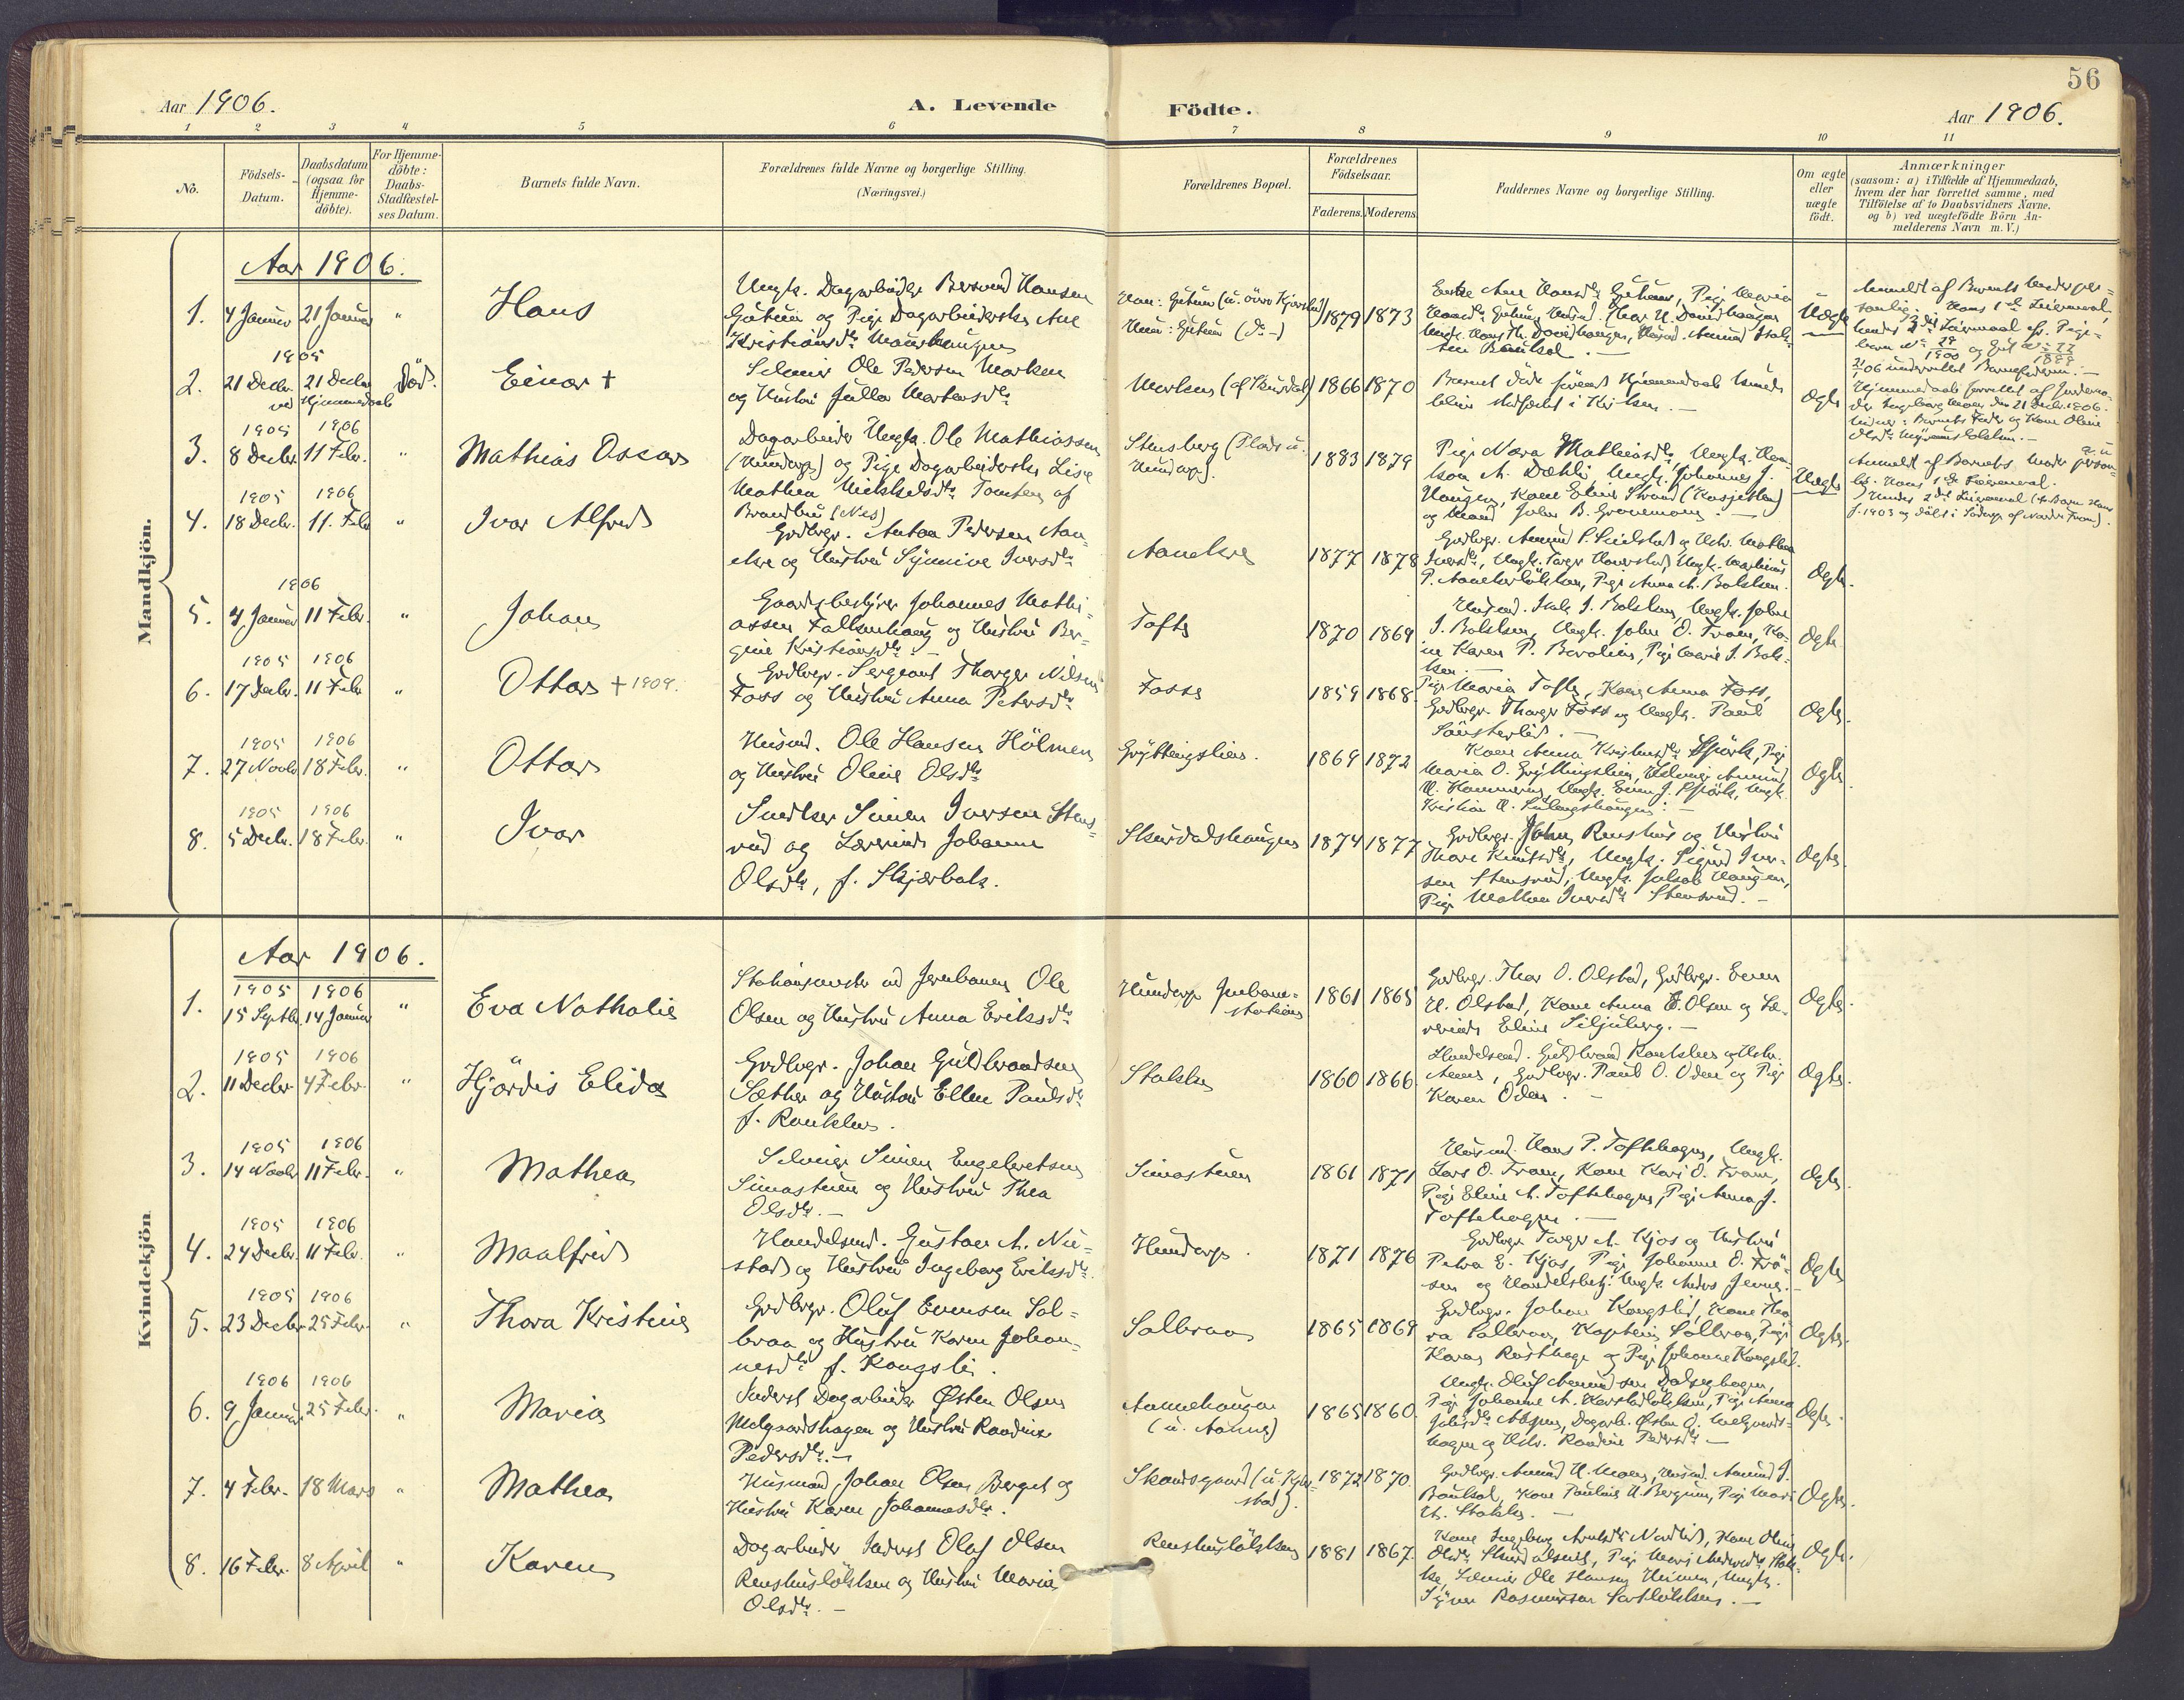 SAH, Sør-Fron prestekontor, H/Ha/Haa/L0004: Ministerialbok nr. 4, 1898-1919, s. 56